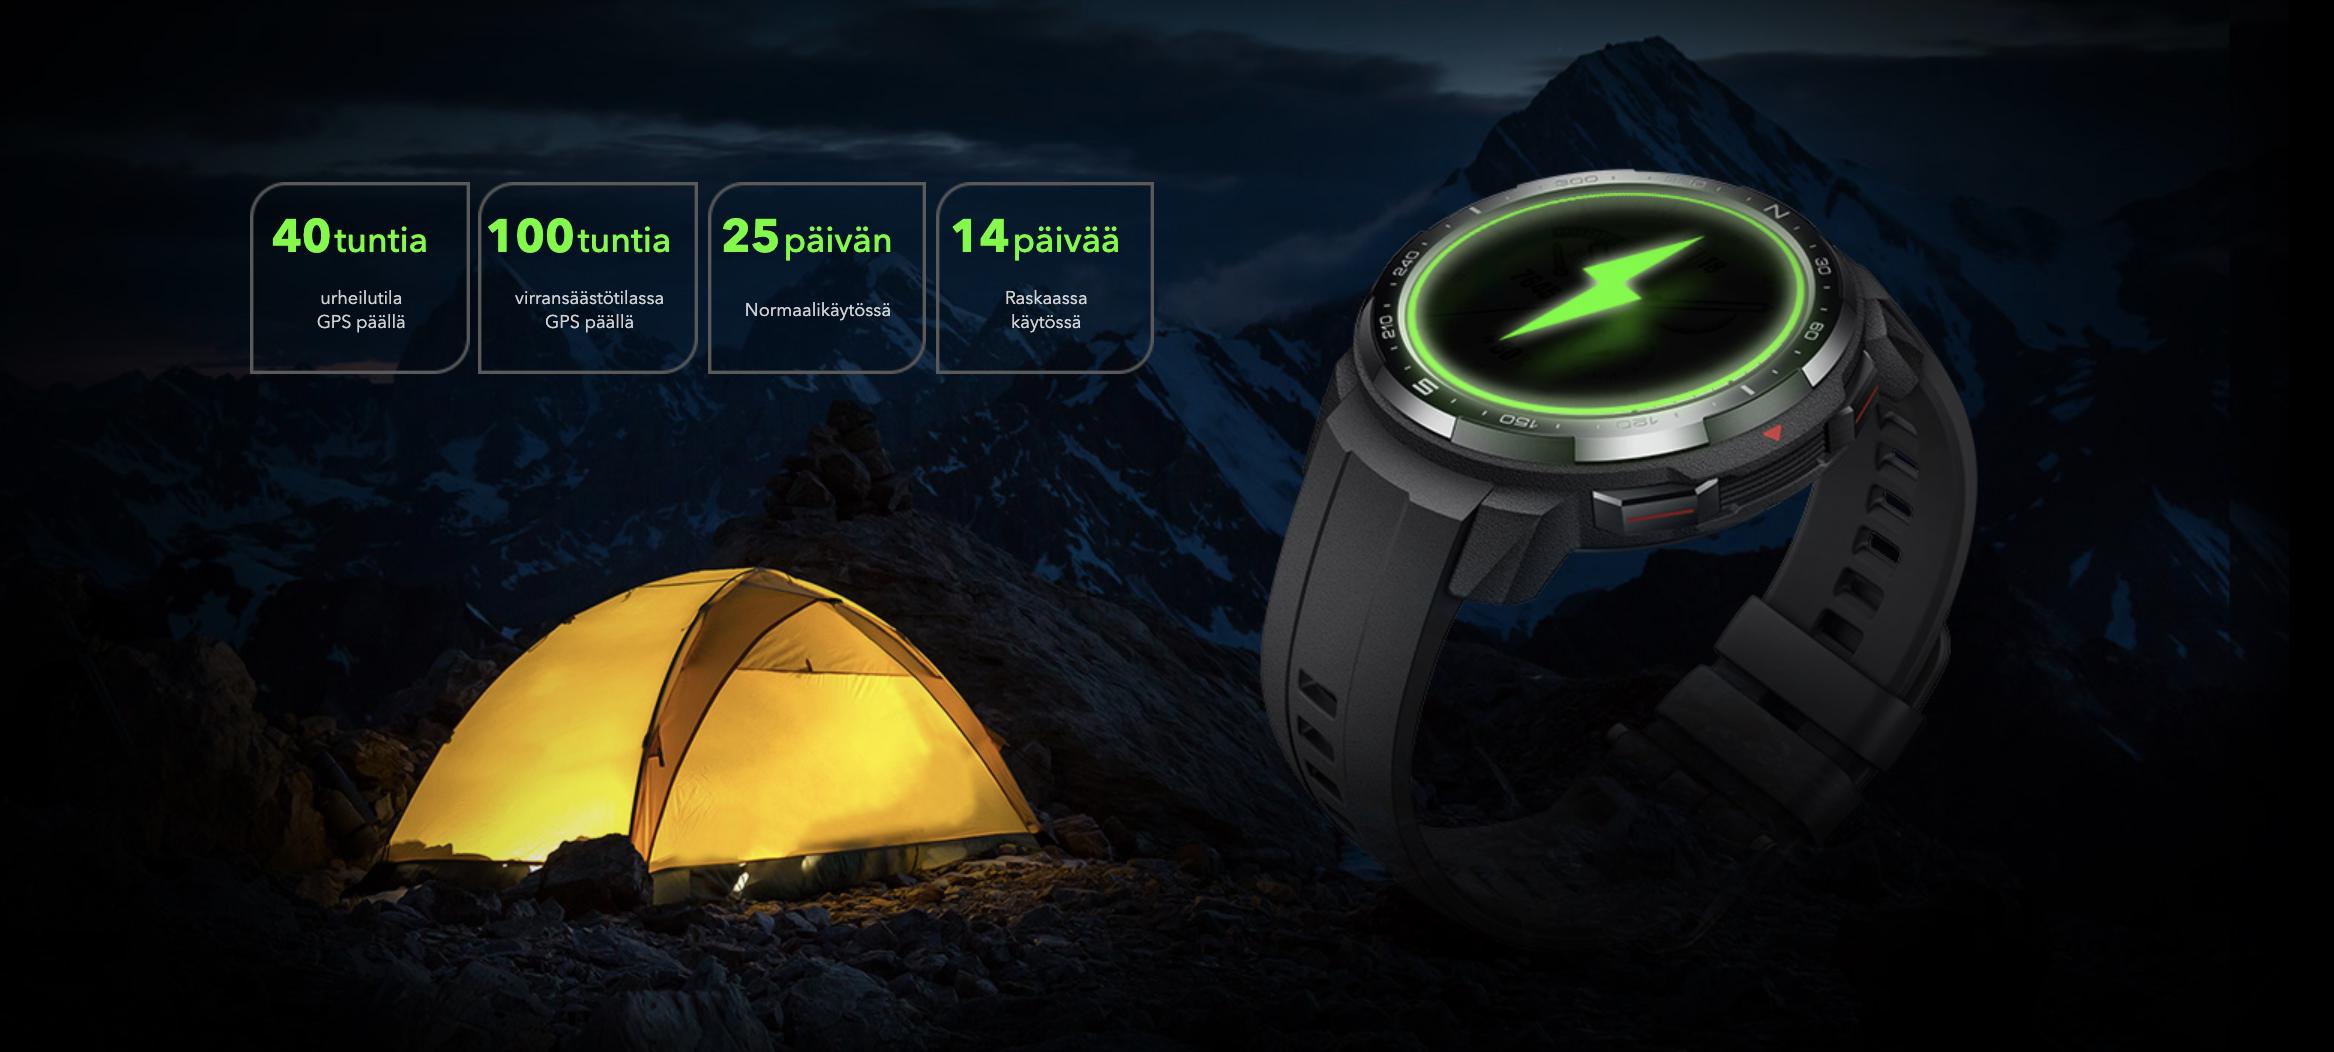 Pitkä akunkesto erottaa Honor Watch GS Pron muista älykelloista.